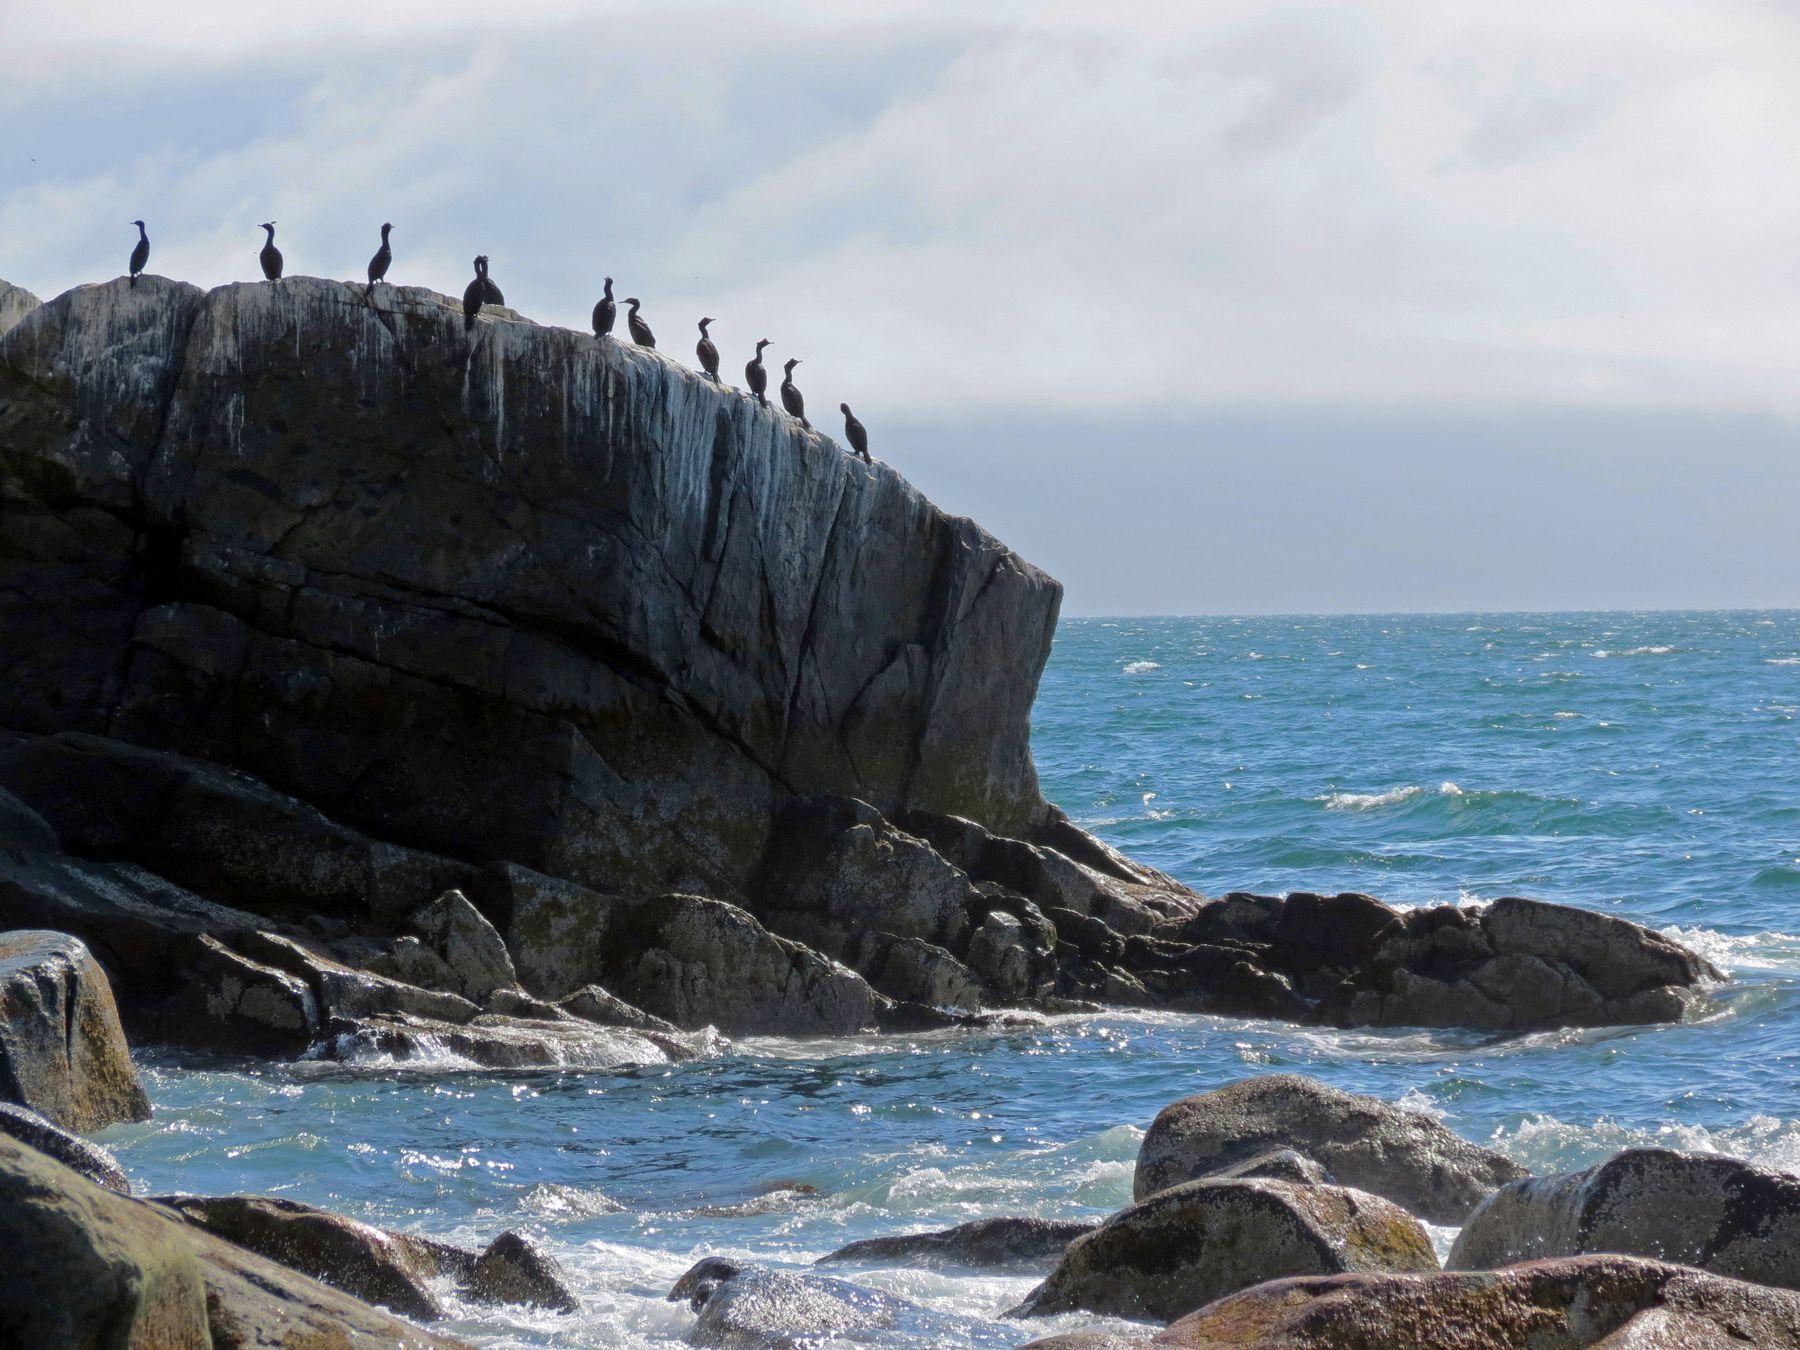 морской пейзаж бакланы море охотское талан остров магаданская область